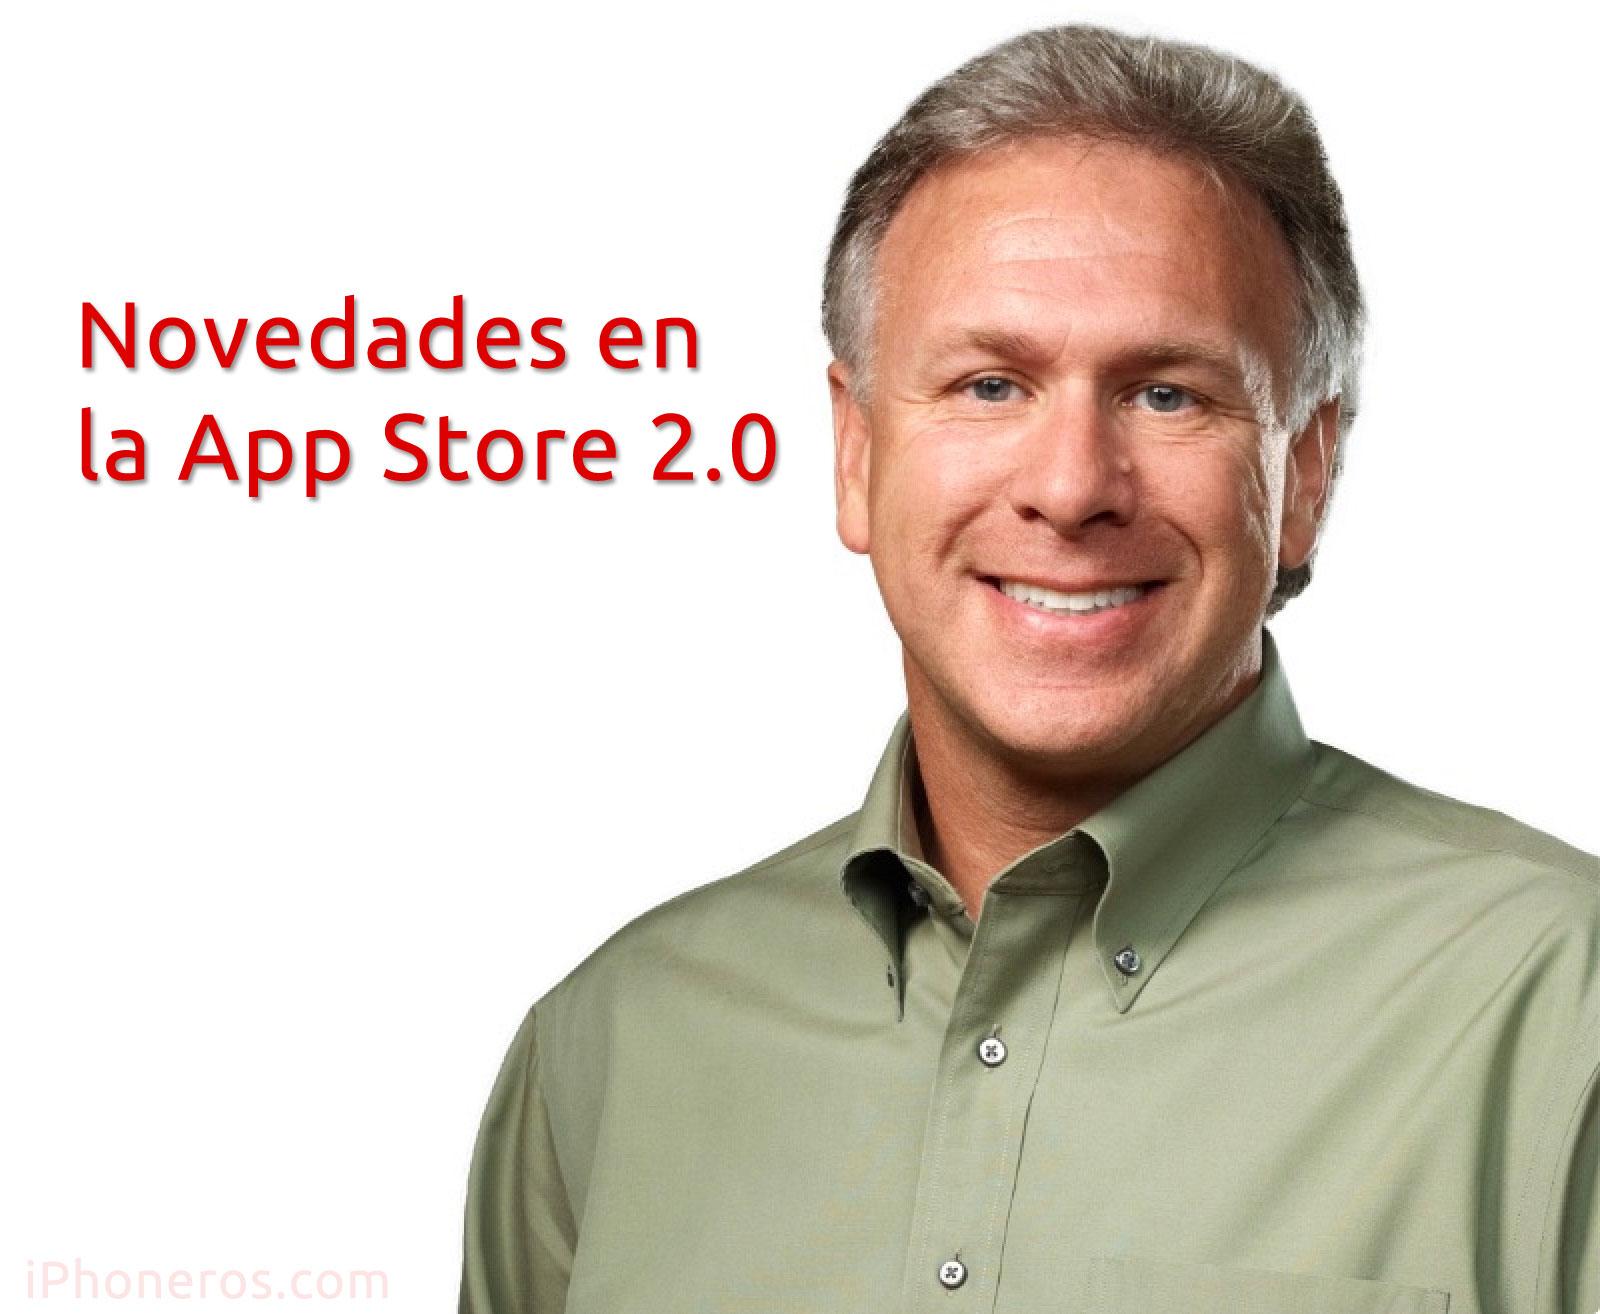 Phil Schiller nos cuenta las novedades en la App Store